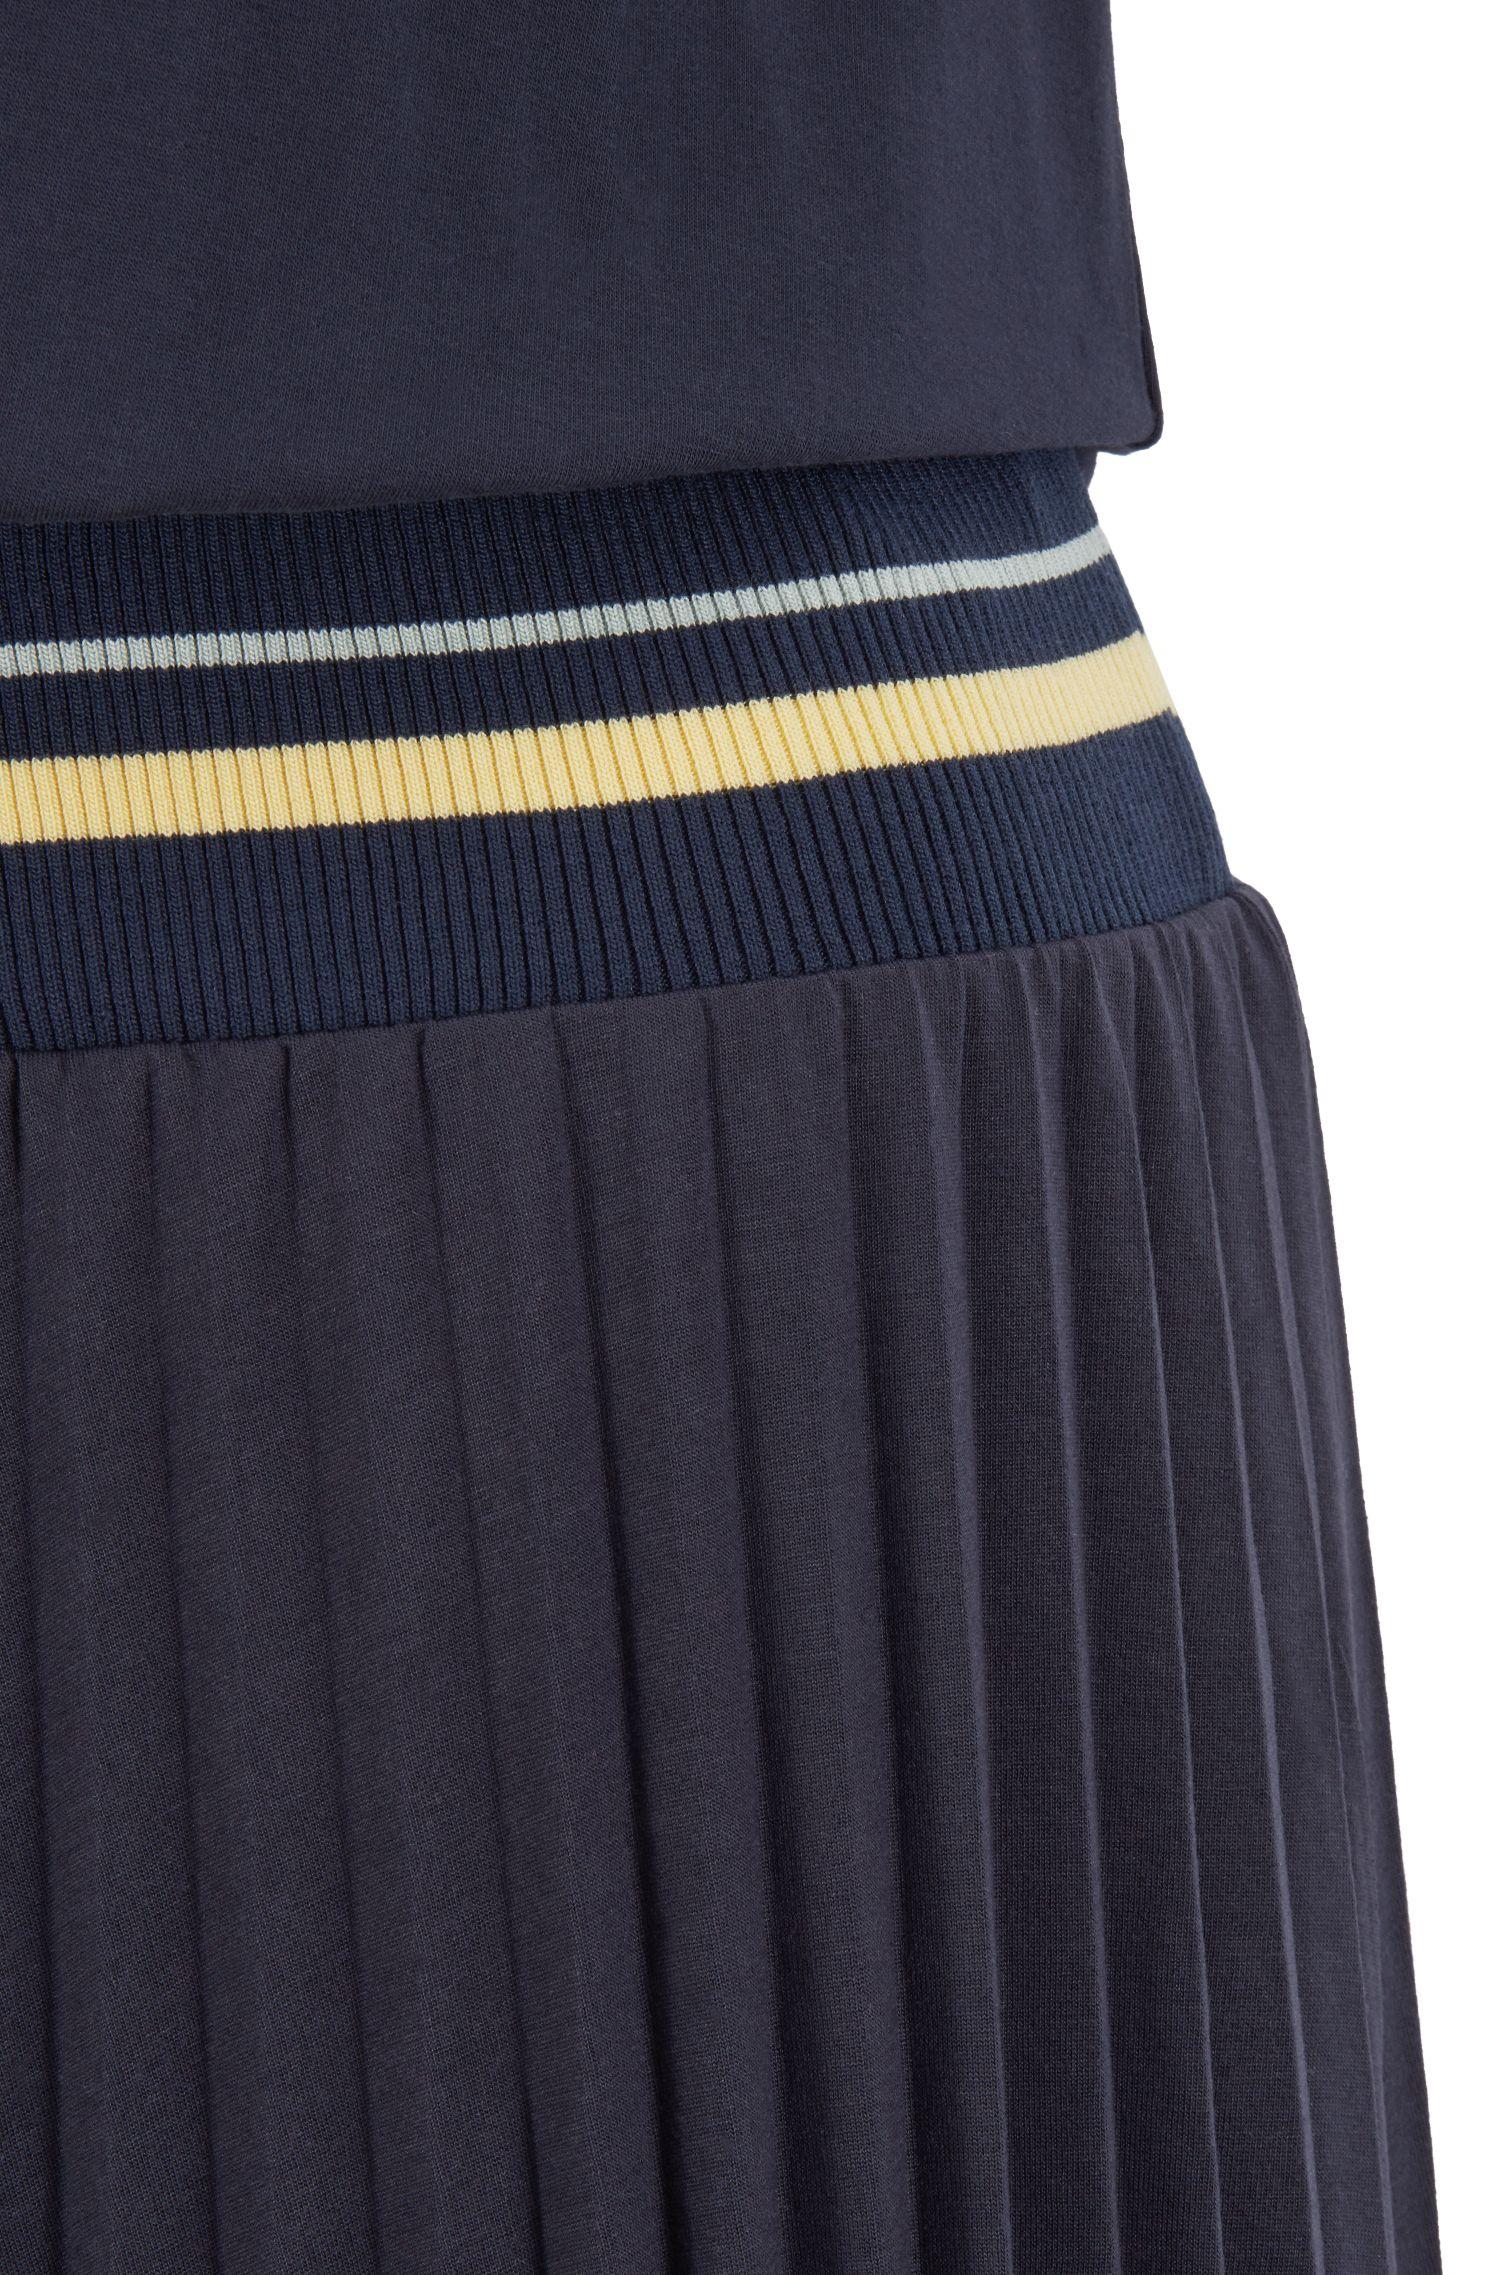 Vestido con camiseta y falda plisada con cintura acanalada, Azul oscuro